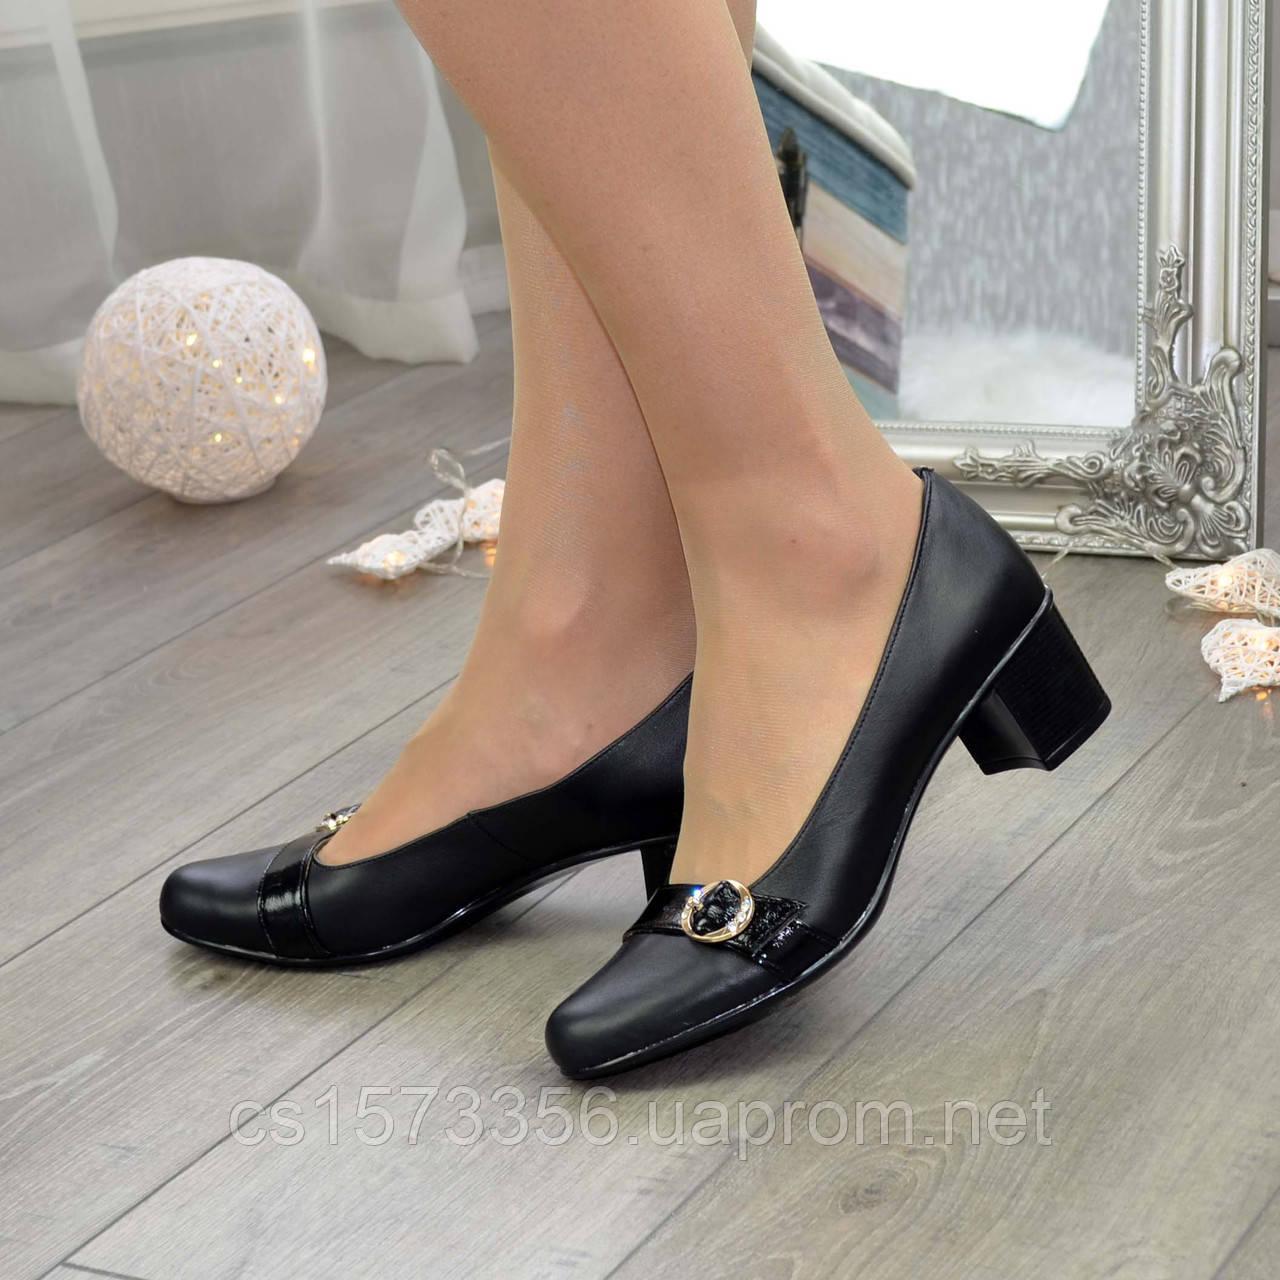 Женские кожаные туфли на невысоком каблуке декорированы брошкой.